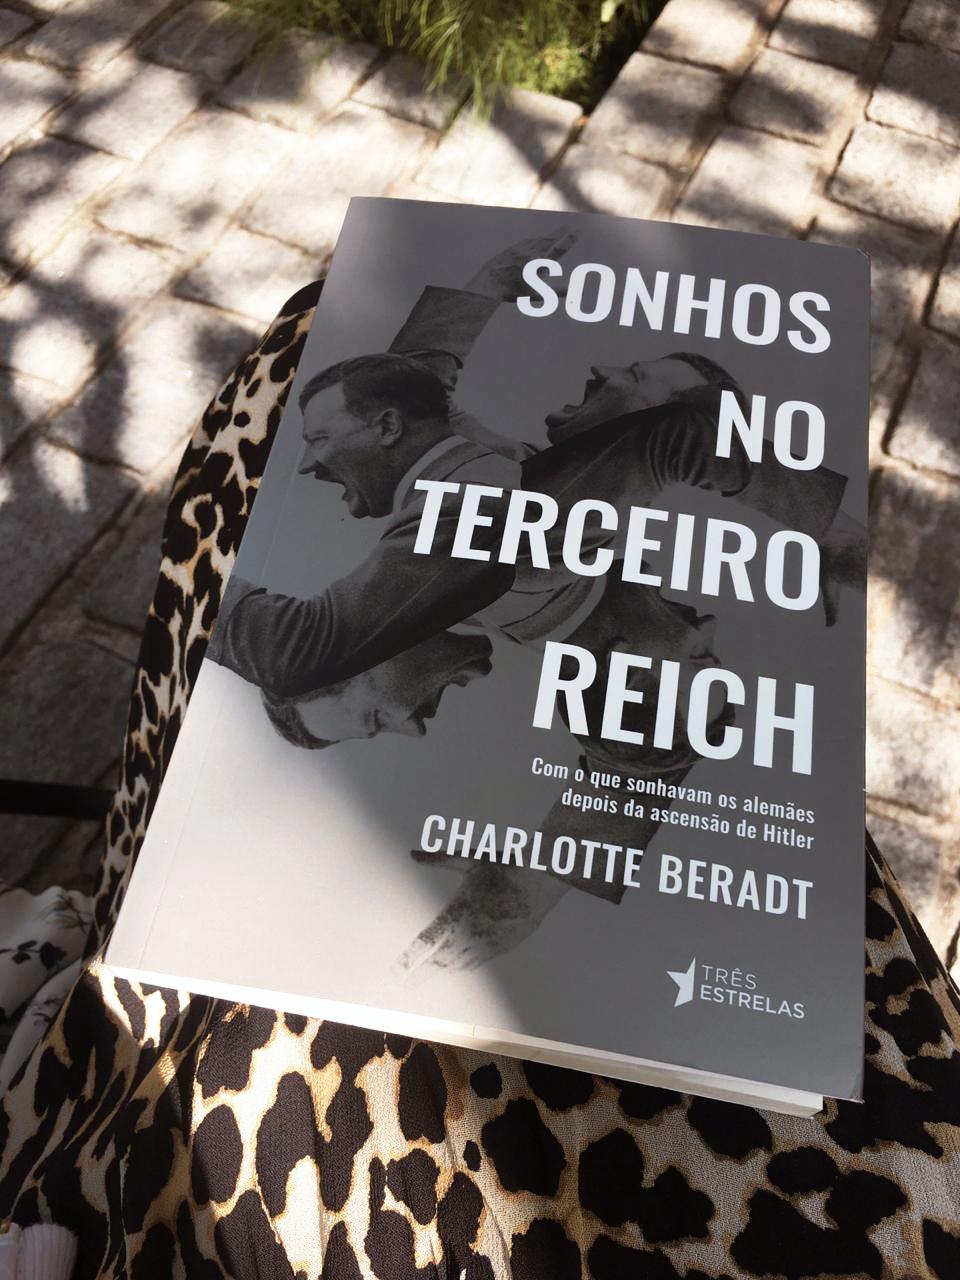 sonhos no terceiro reich lolla - Interview: Rita Mattar, aficionada por livros e Editora do selo Três Estrelas